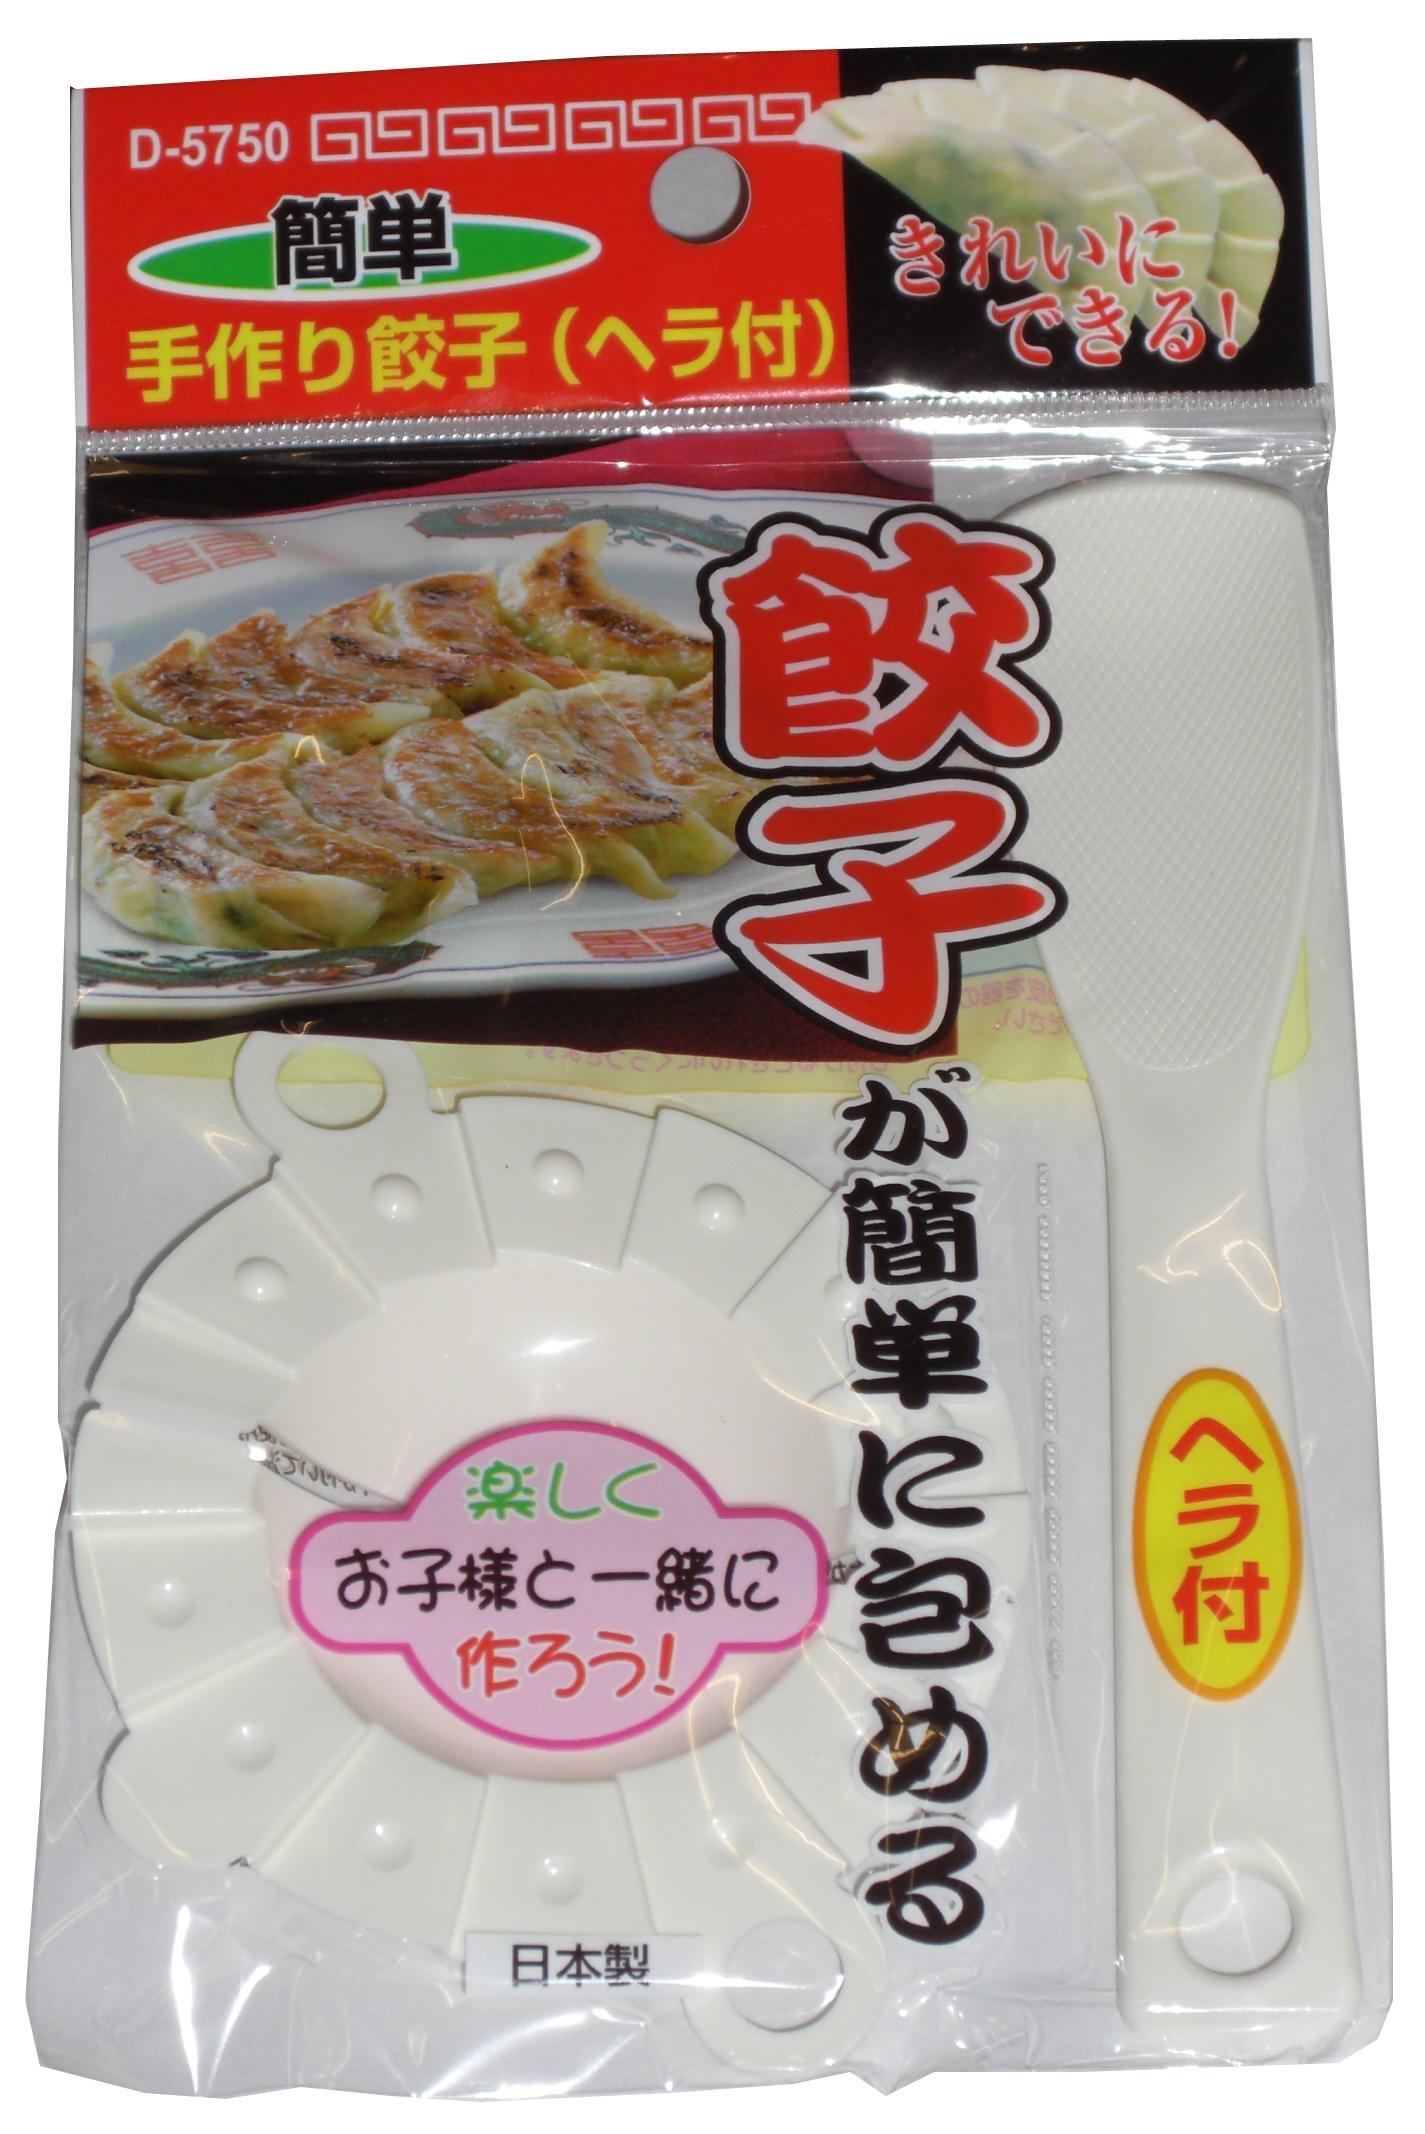 Gyoza Dumpling Vorm